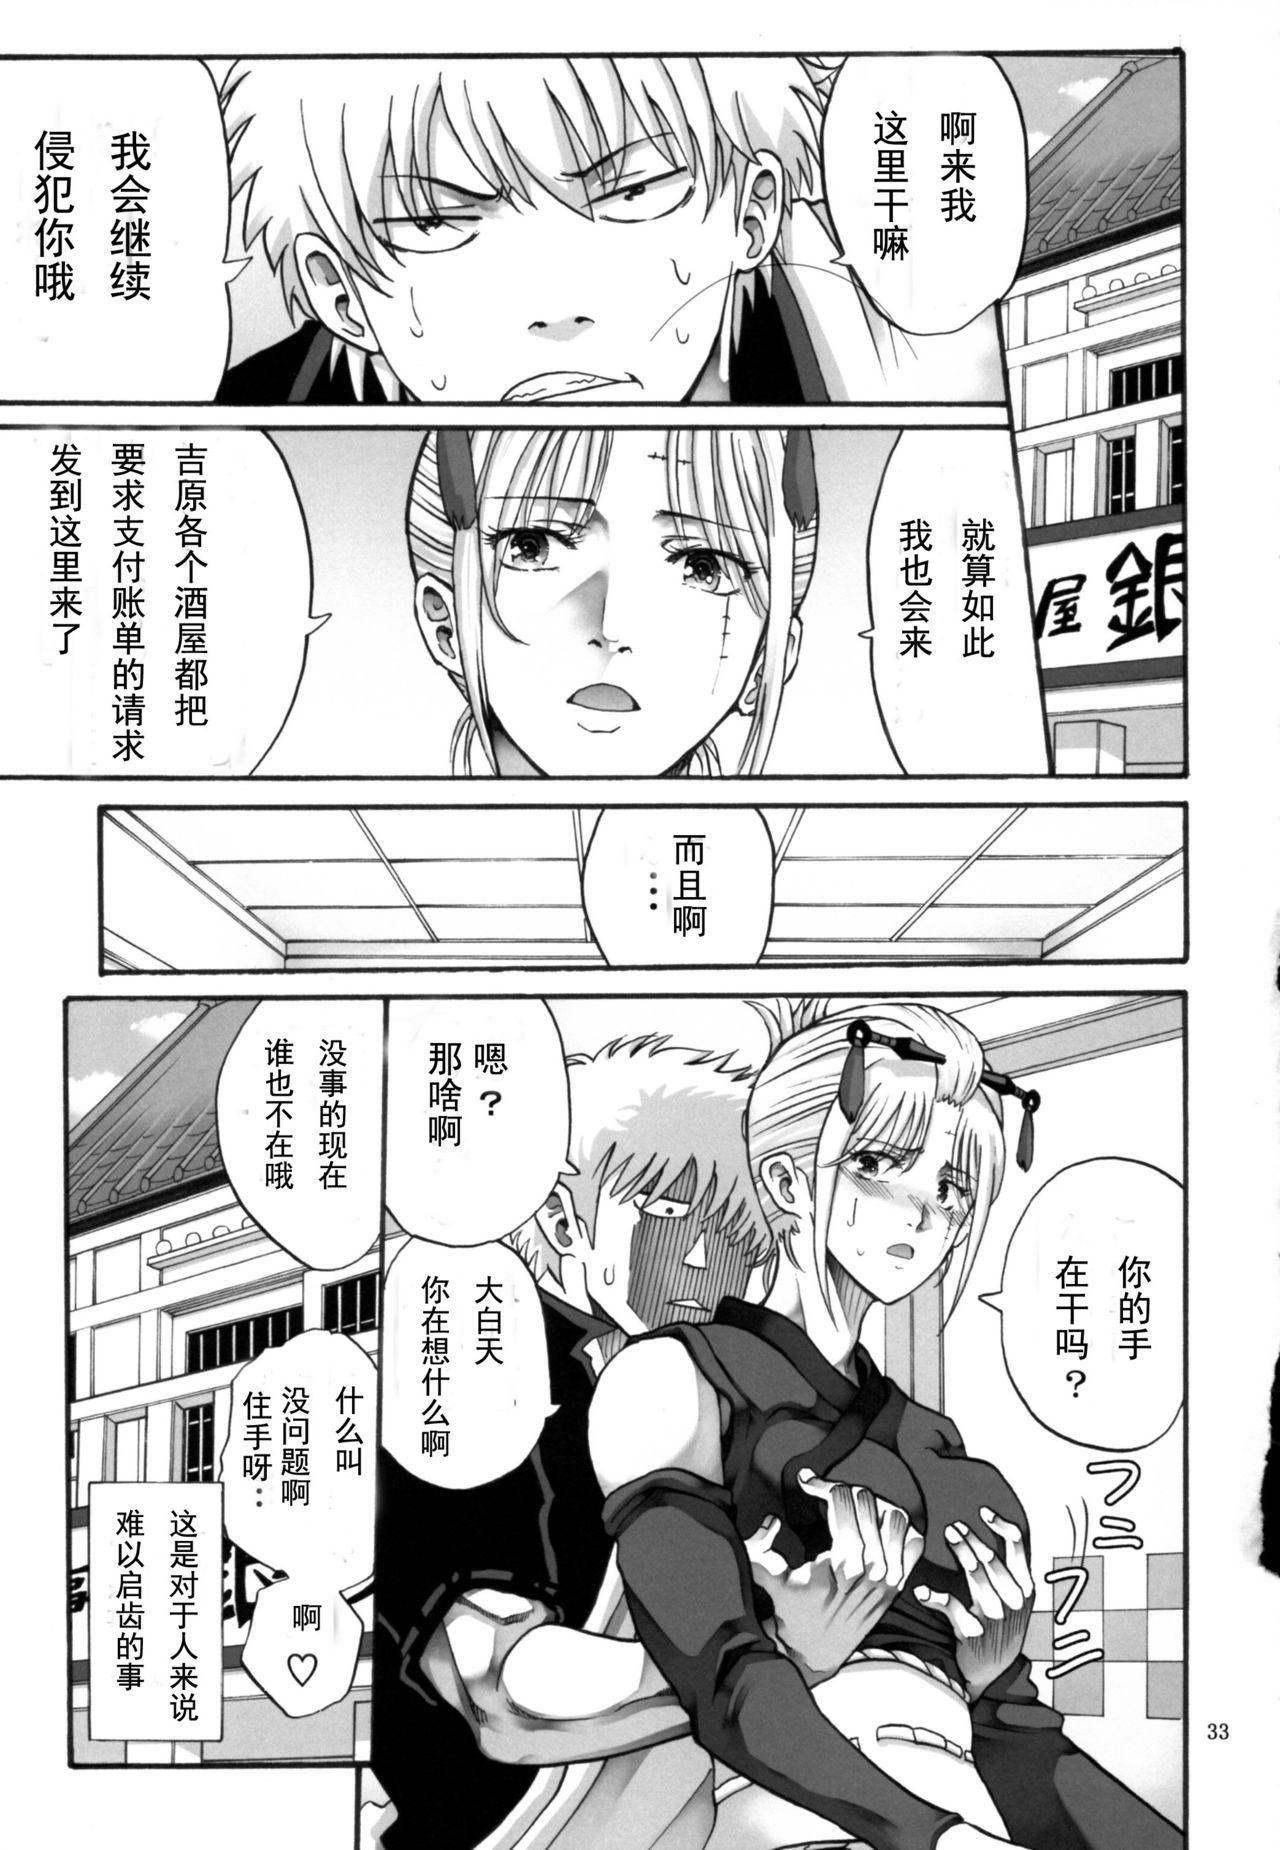 Tsukuyo-san ga Iyarashii Koto o Sarete Shimau Hanashi 5 33